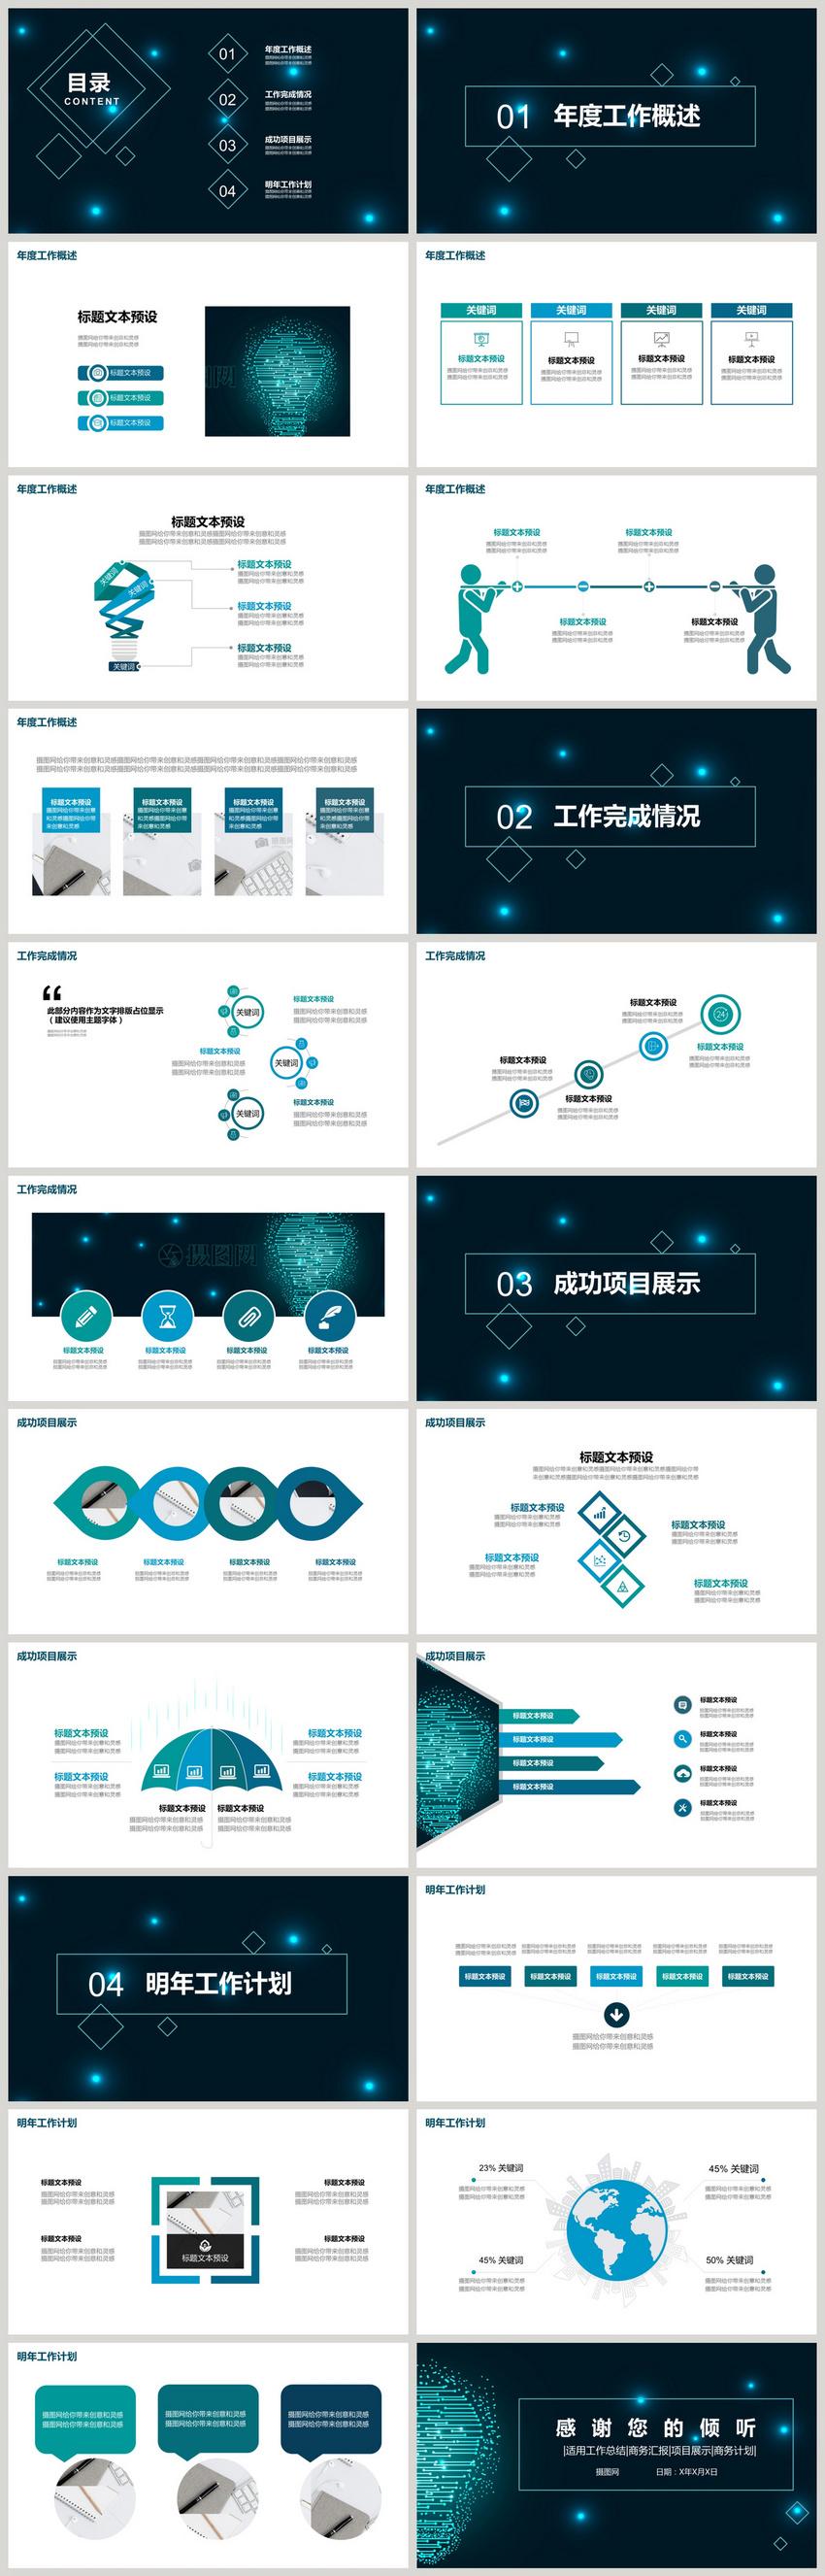 工作总结科技PPT模板图片